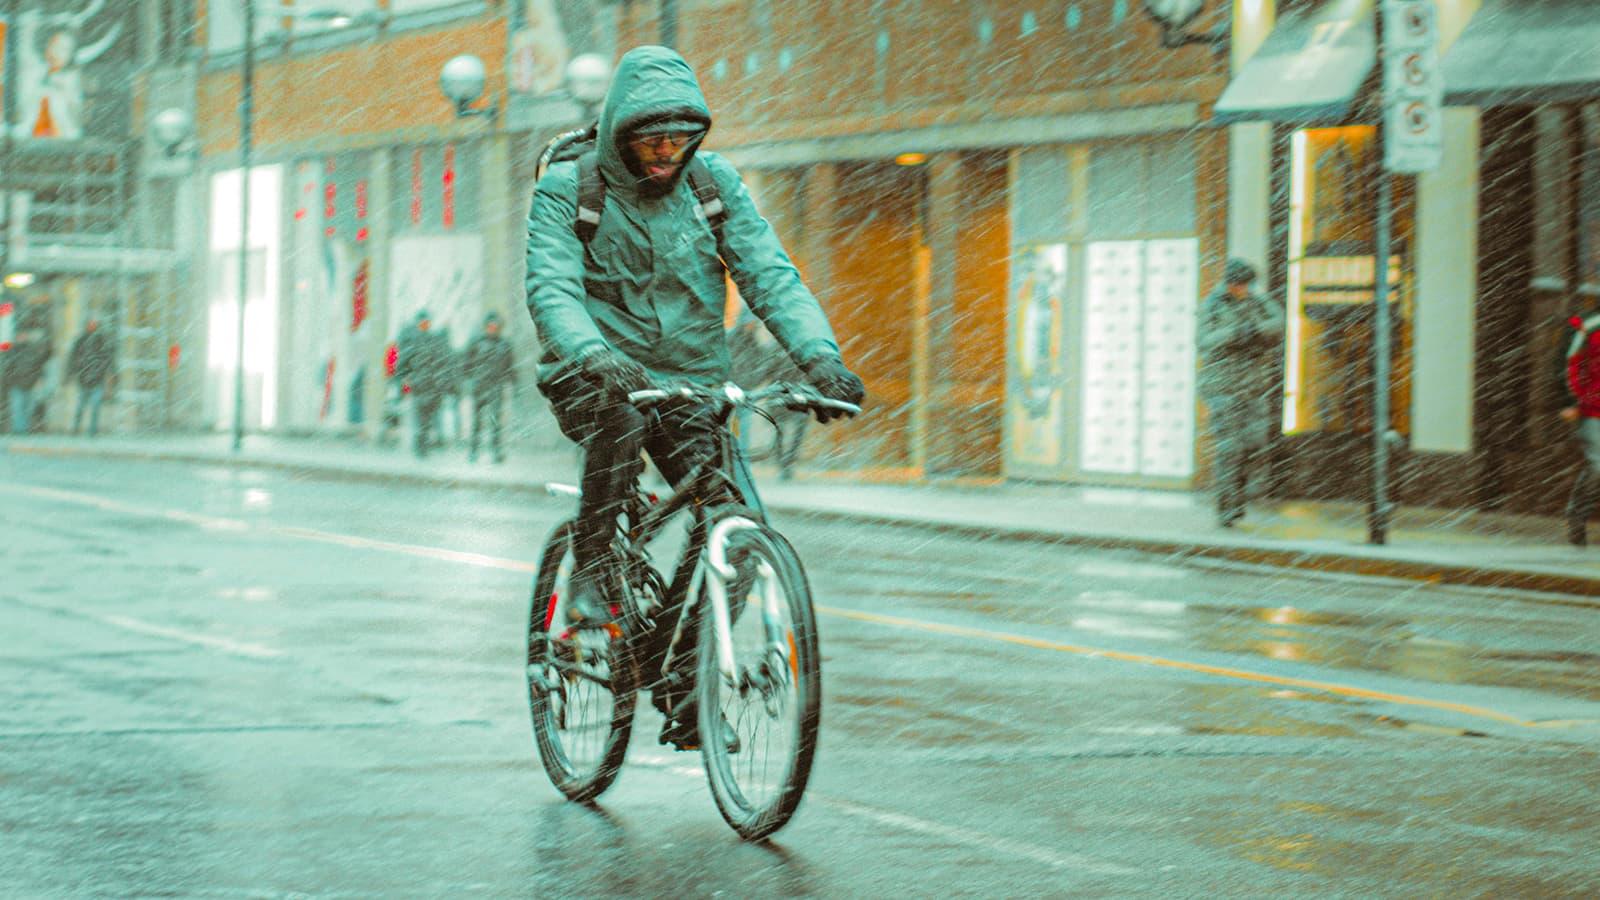 Nie jesteśmy z cukru, czyli jak bezpiecznie jeździć rowerem w deszczu